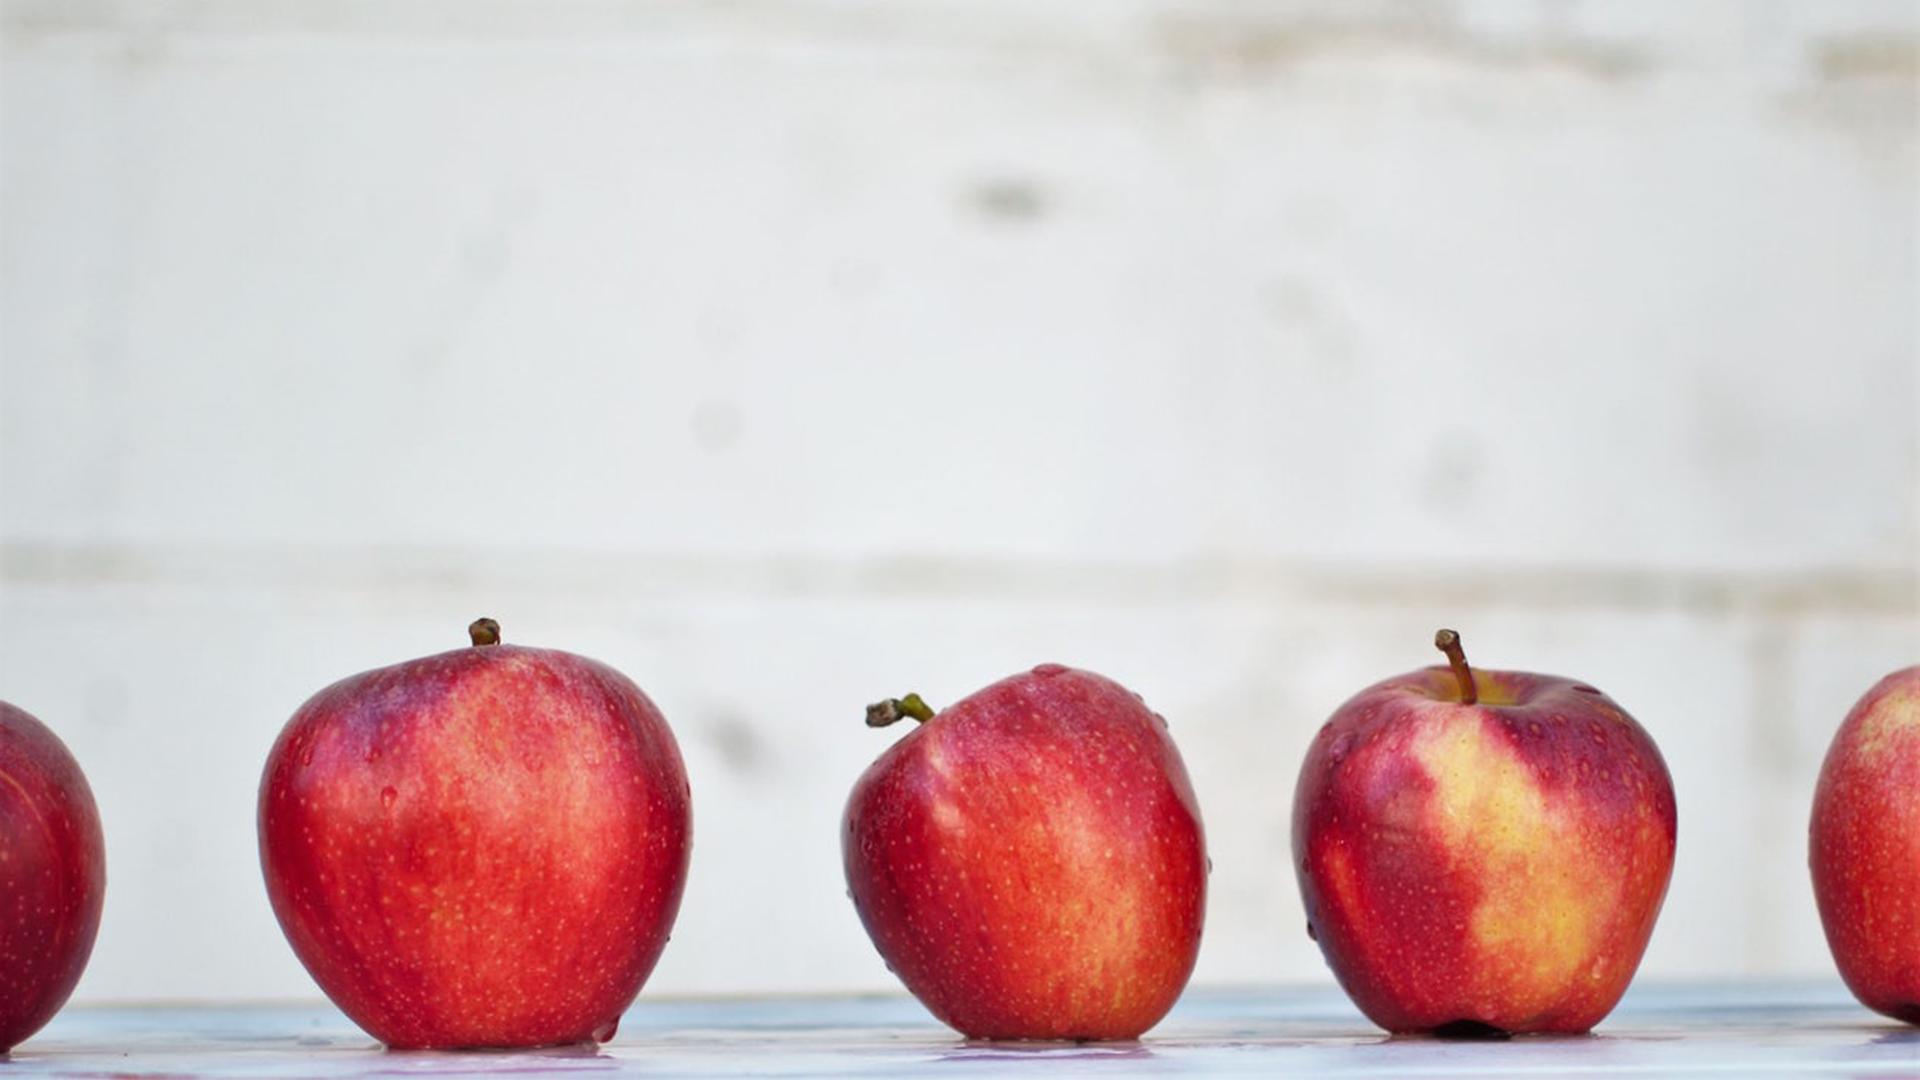 Fonds_éco_iga_jour_de_la_terre_à_vos_frigos_pommes